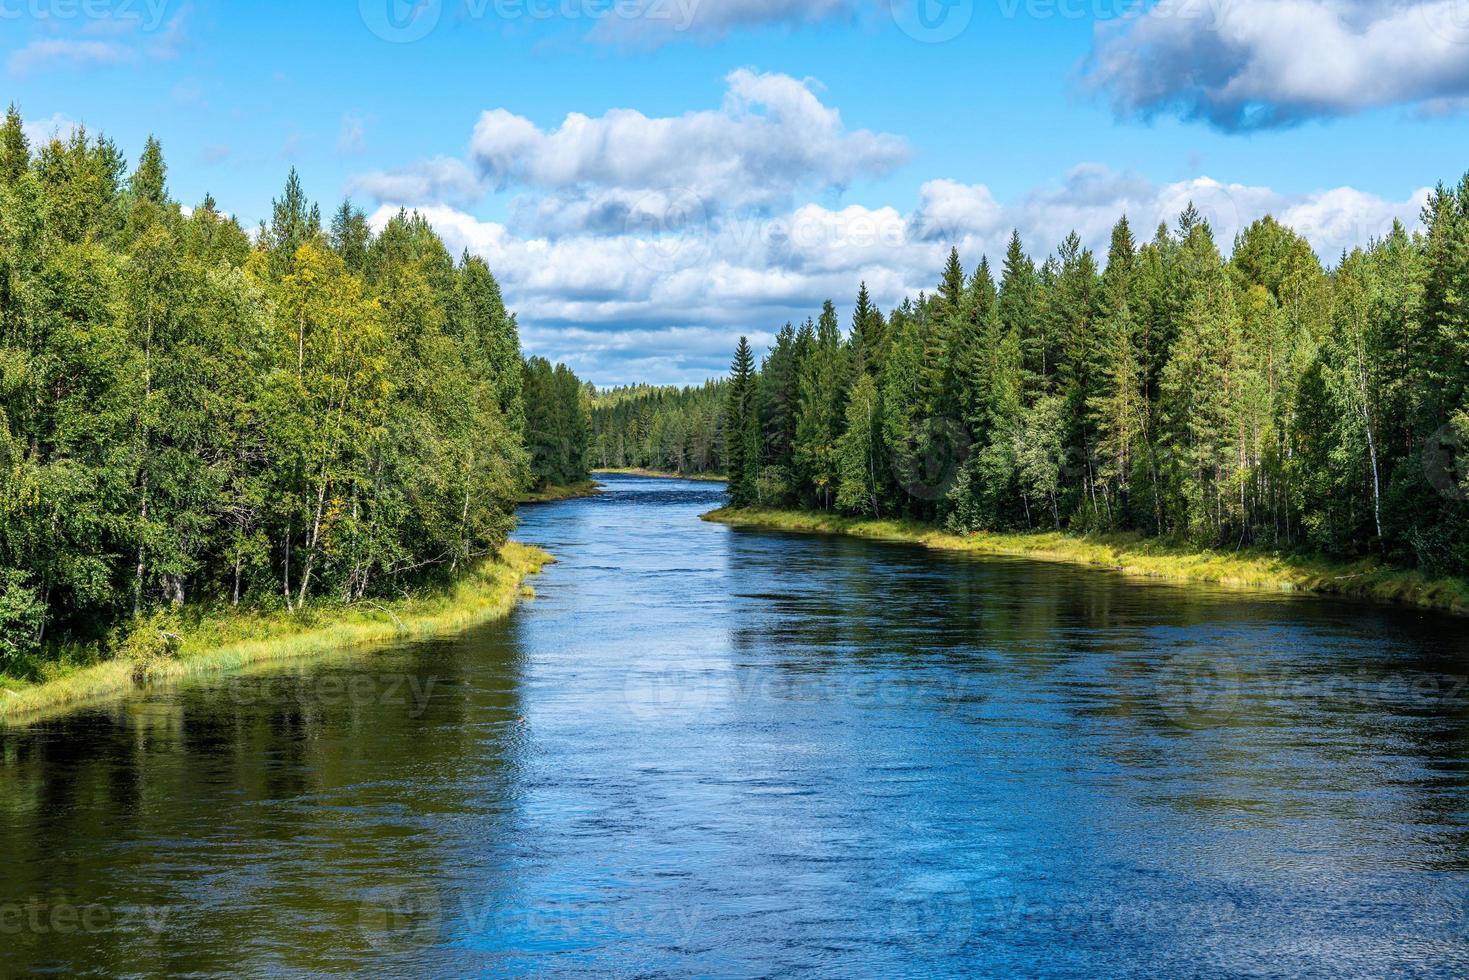 Le minerai de la rivière en Suède qui coule à travers une forêt verte photo